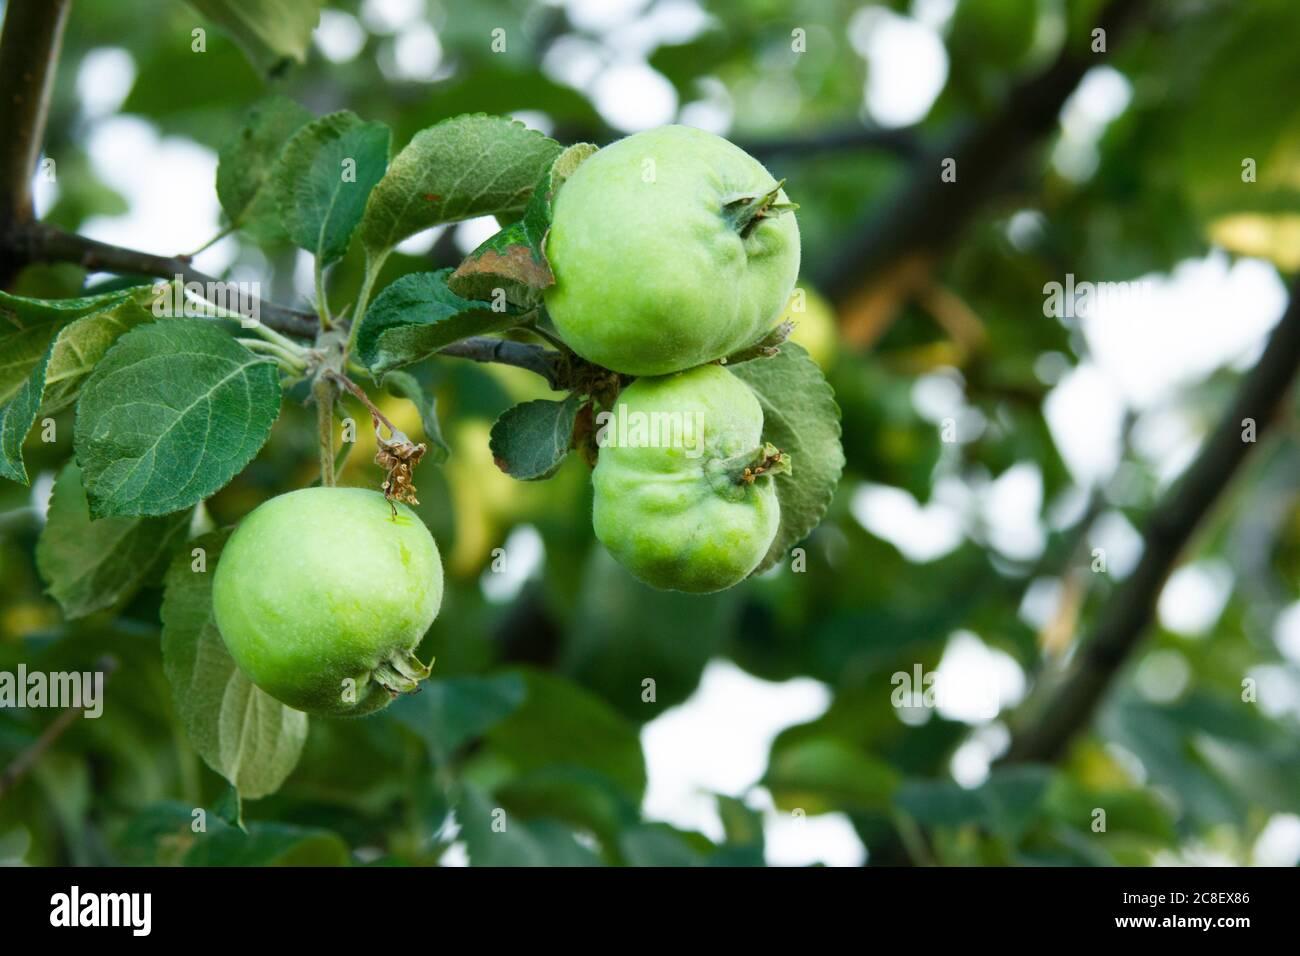 Las manzanas verdes feas están madurando en la rama. Enfermedades de Apple-árbol. Antracnosis y áfidos en las hojas. Nueva cosecha en el huerto Foto de stock